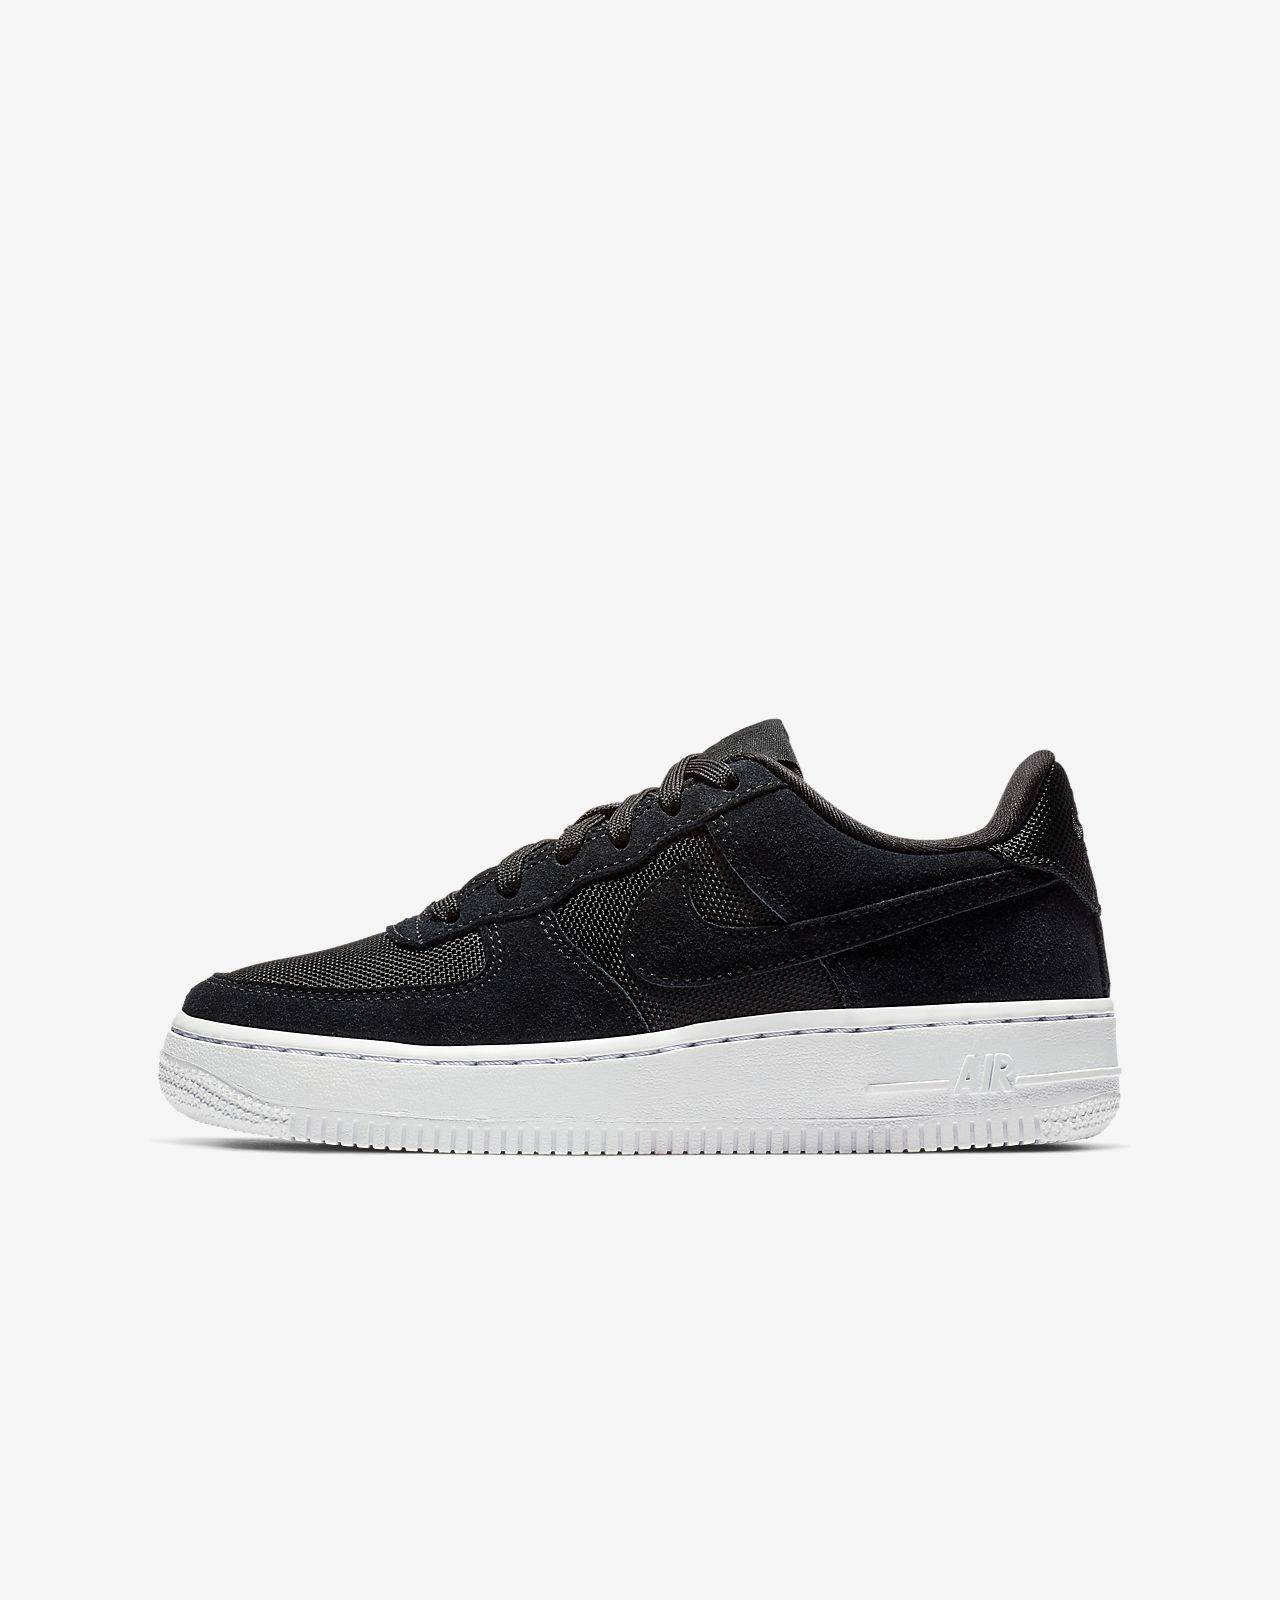 best website 0a897 865f7 ... Chaussure Nike Air Force 1-1 pour Enfant plus âgé